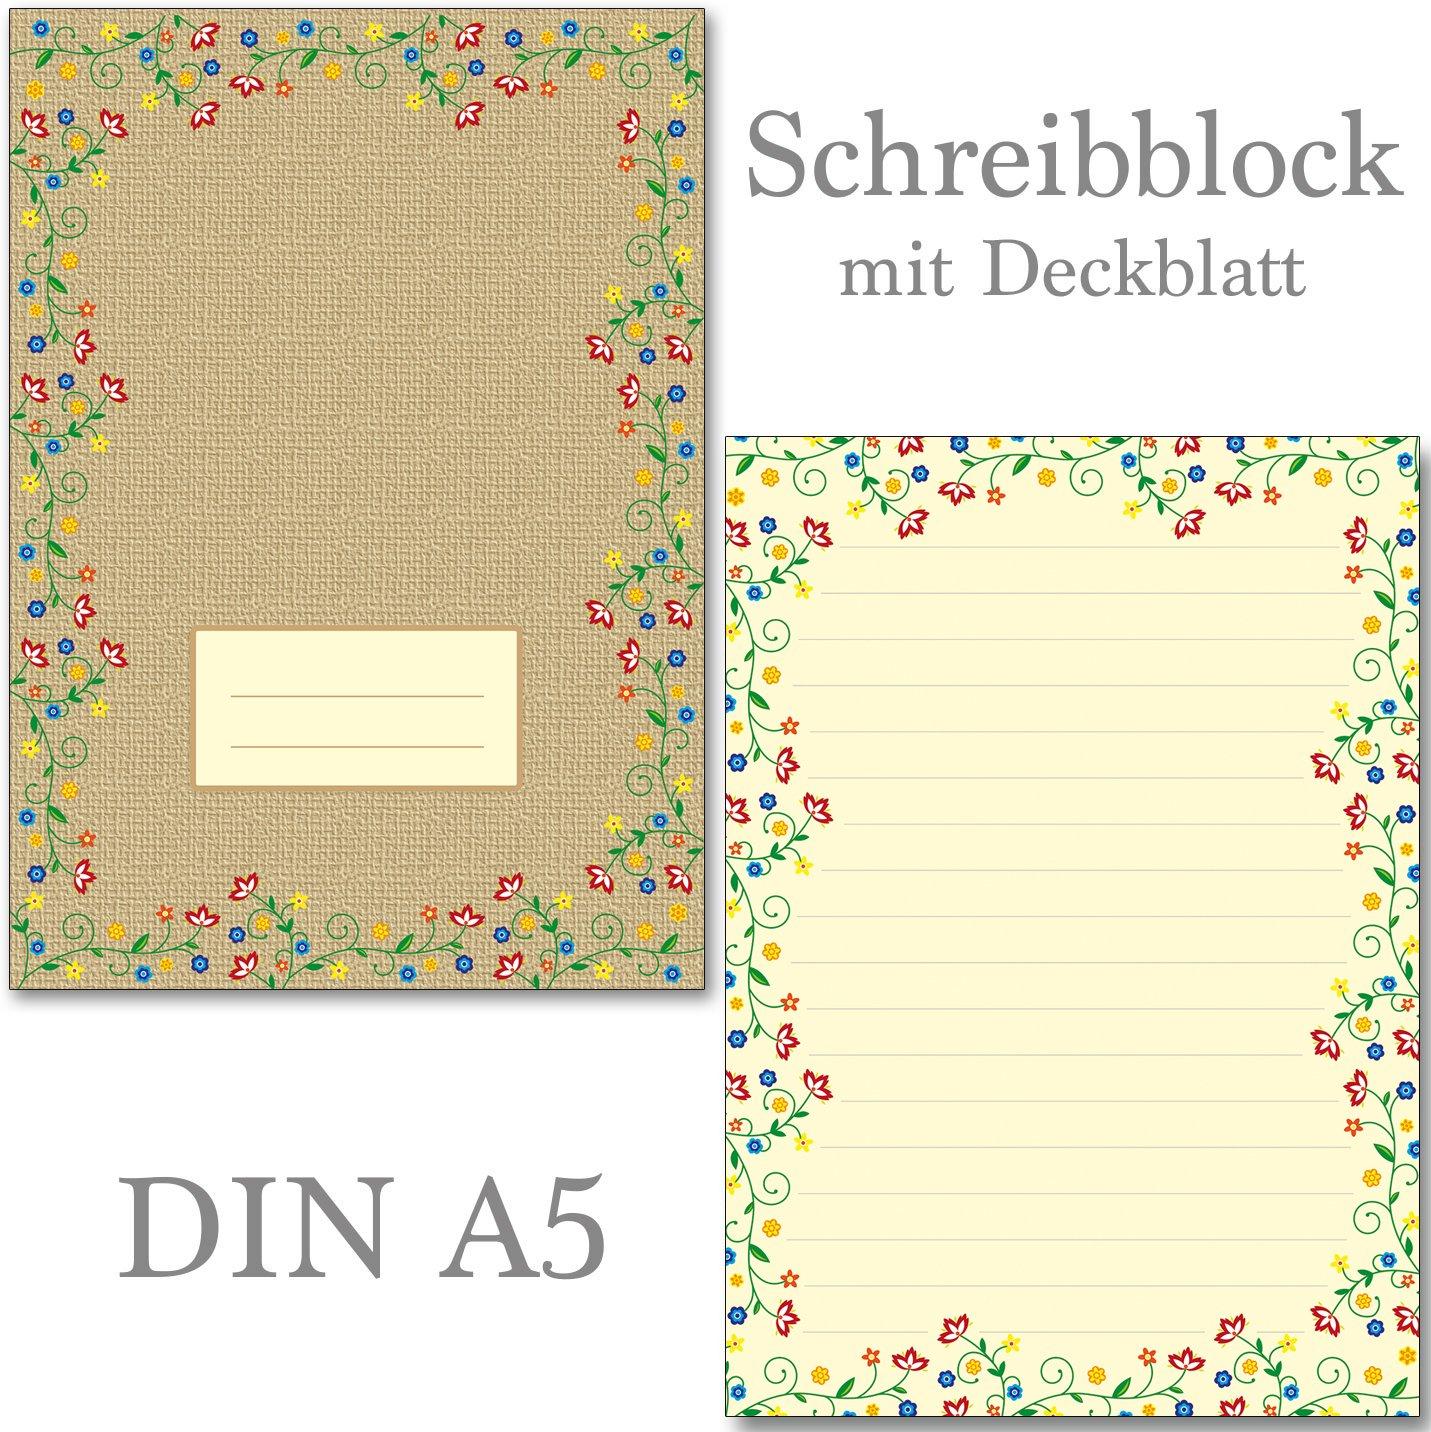 2 Schreibblöcke Blütenzauber Vintage 50 Blatt Format DIN A5 mit Deckblatt 7450 Konzept-G